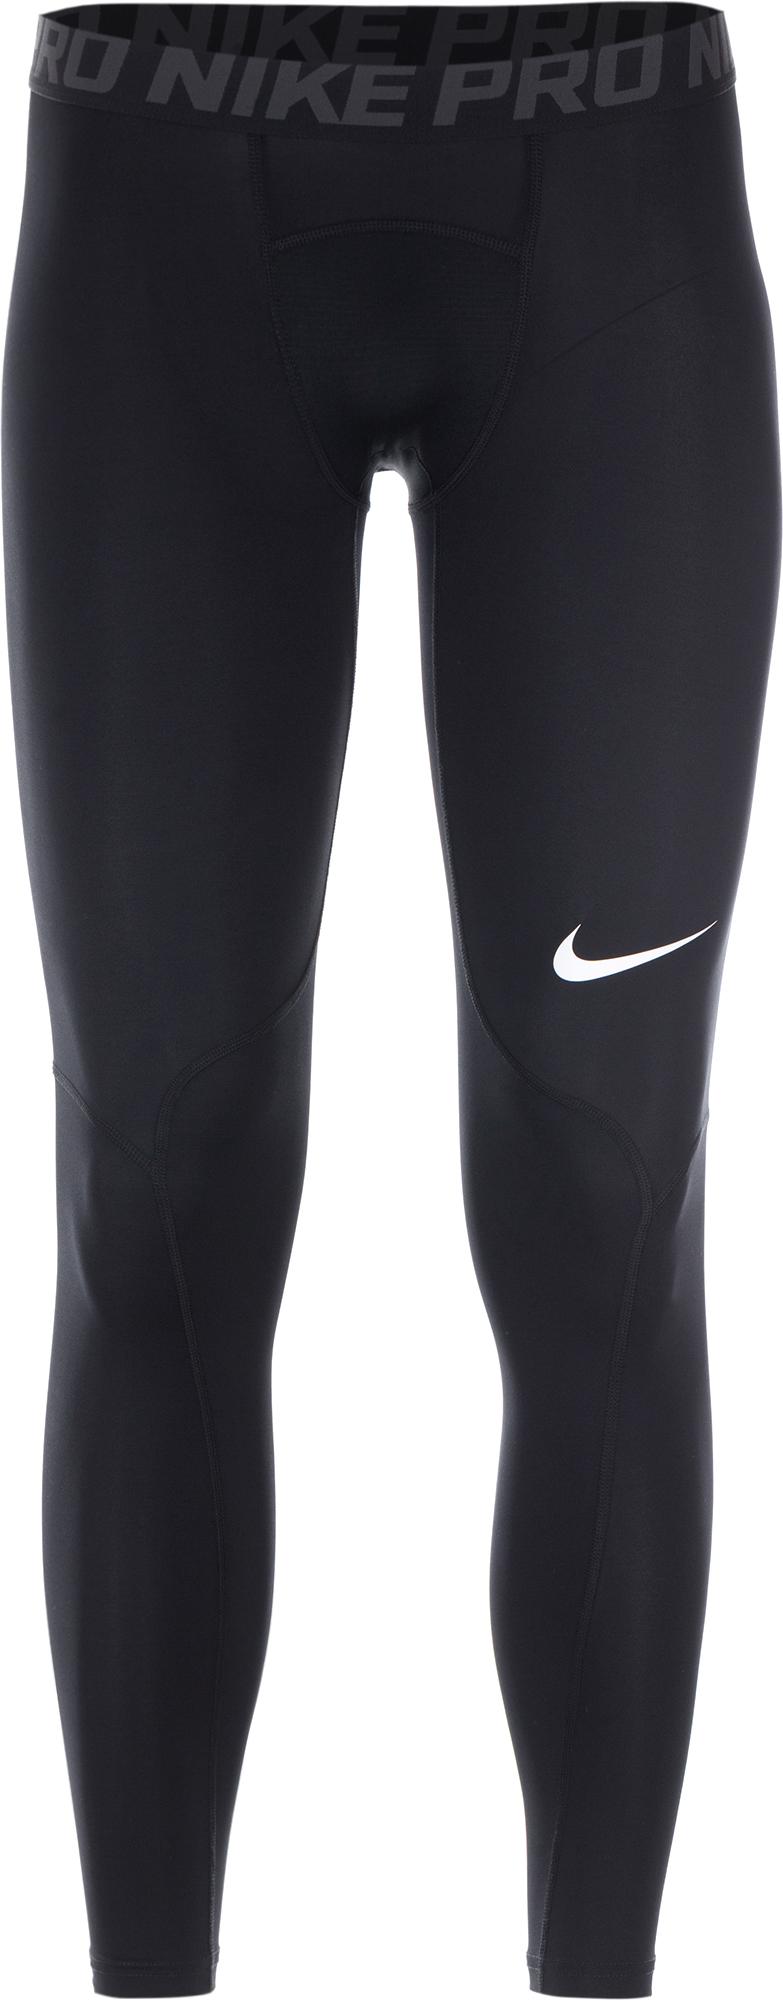 цена Nike Тайтсы мужские Nike Pro, размер 52-54 онлайн в 2017 году